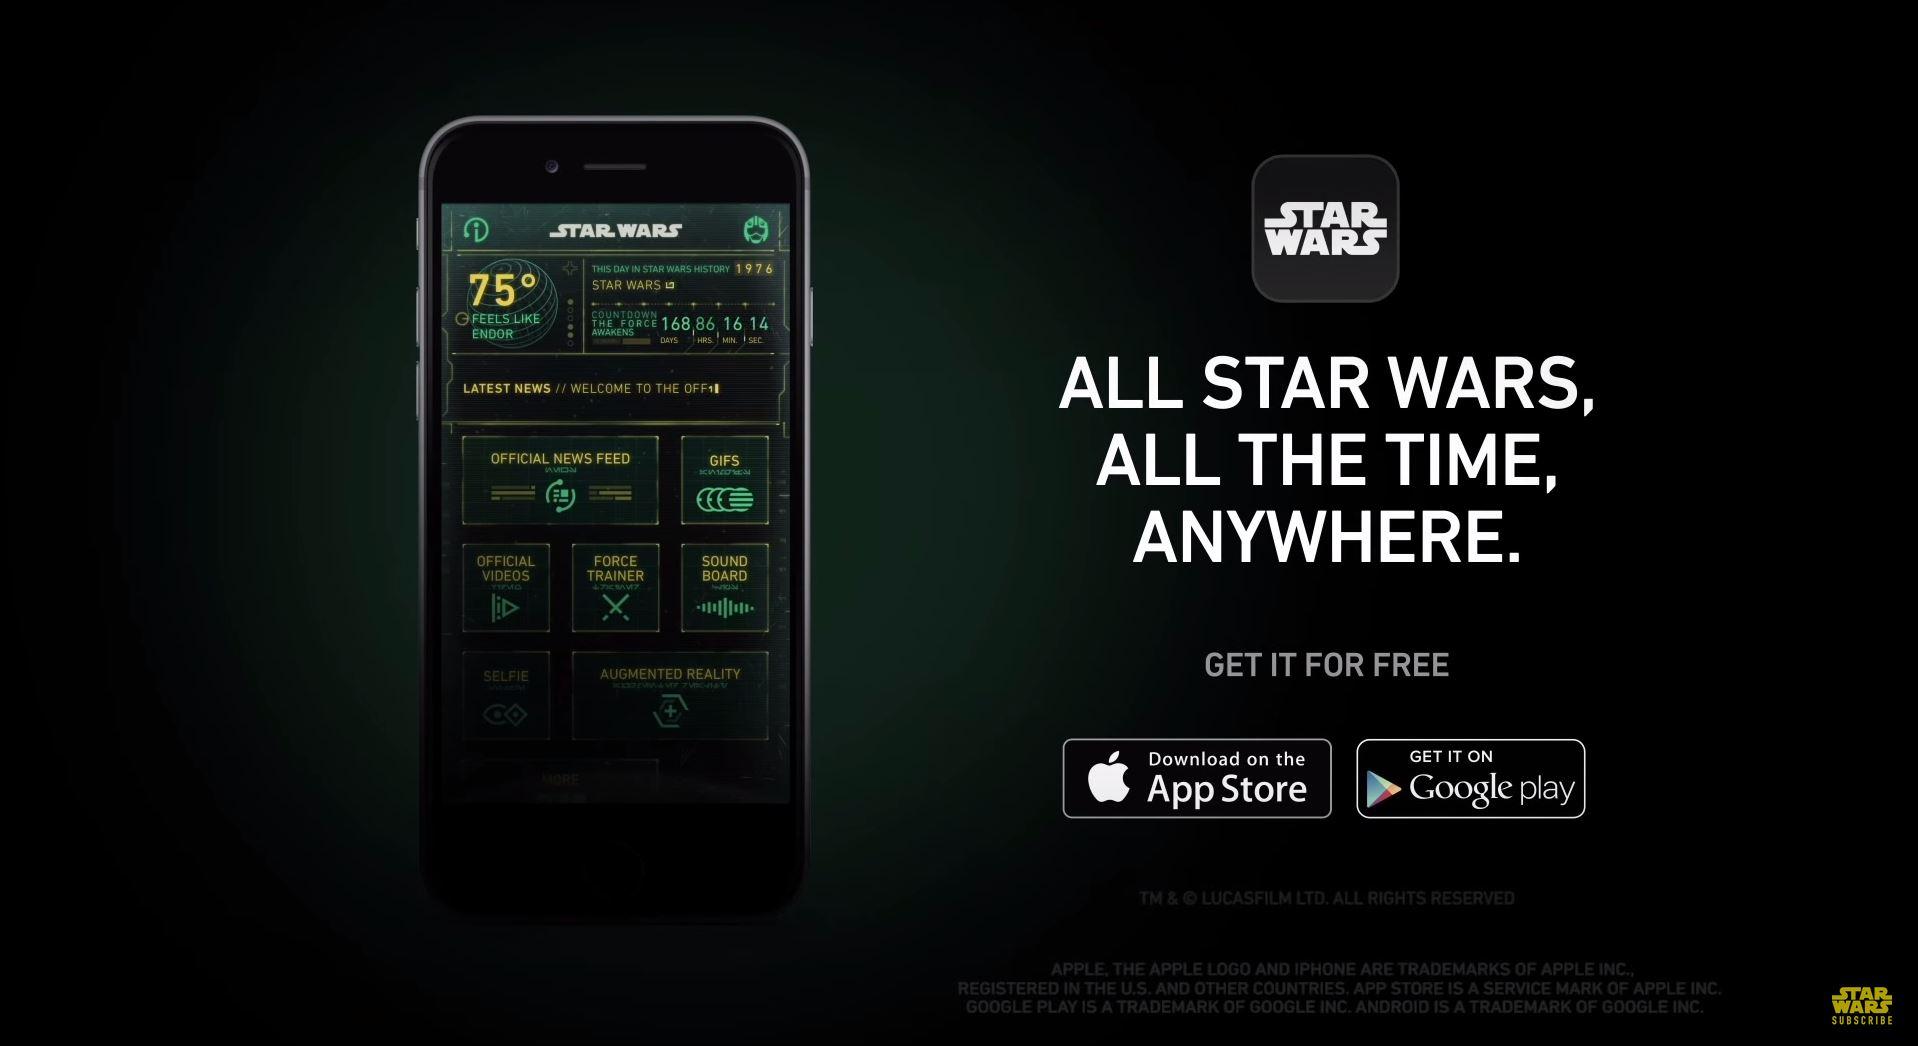 chore: bump versions · Yalantis/StarWars.Android@4aba8fd ...